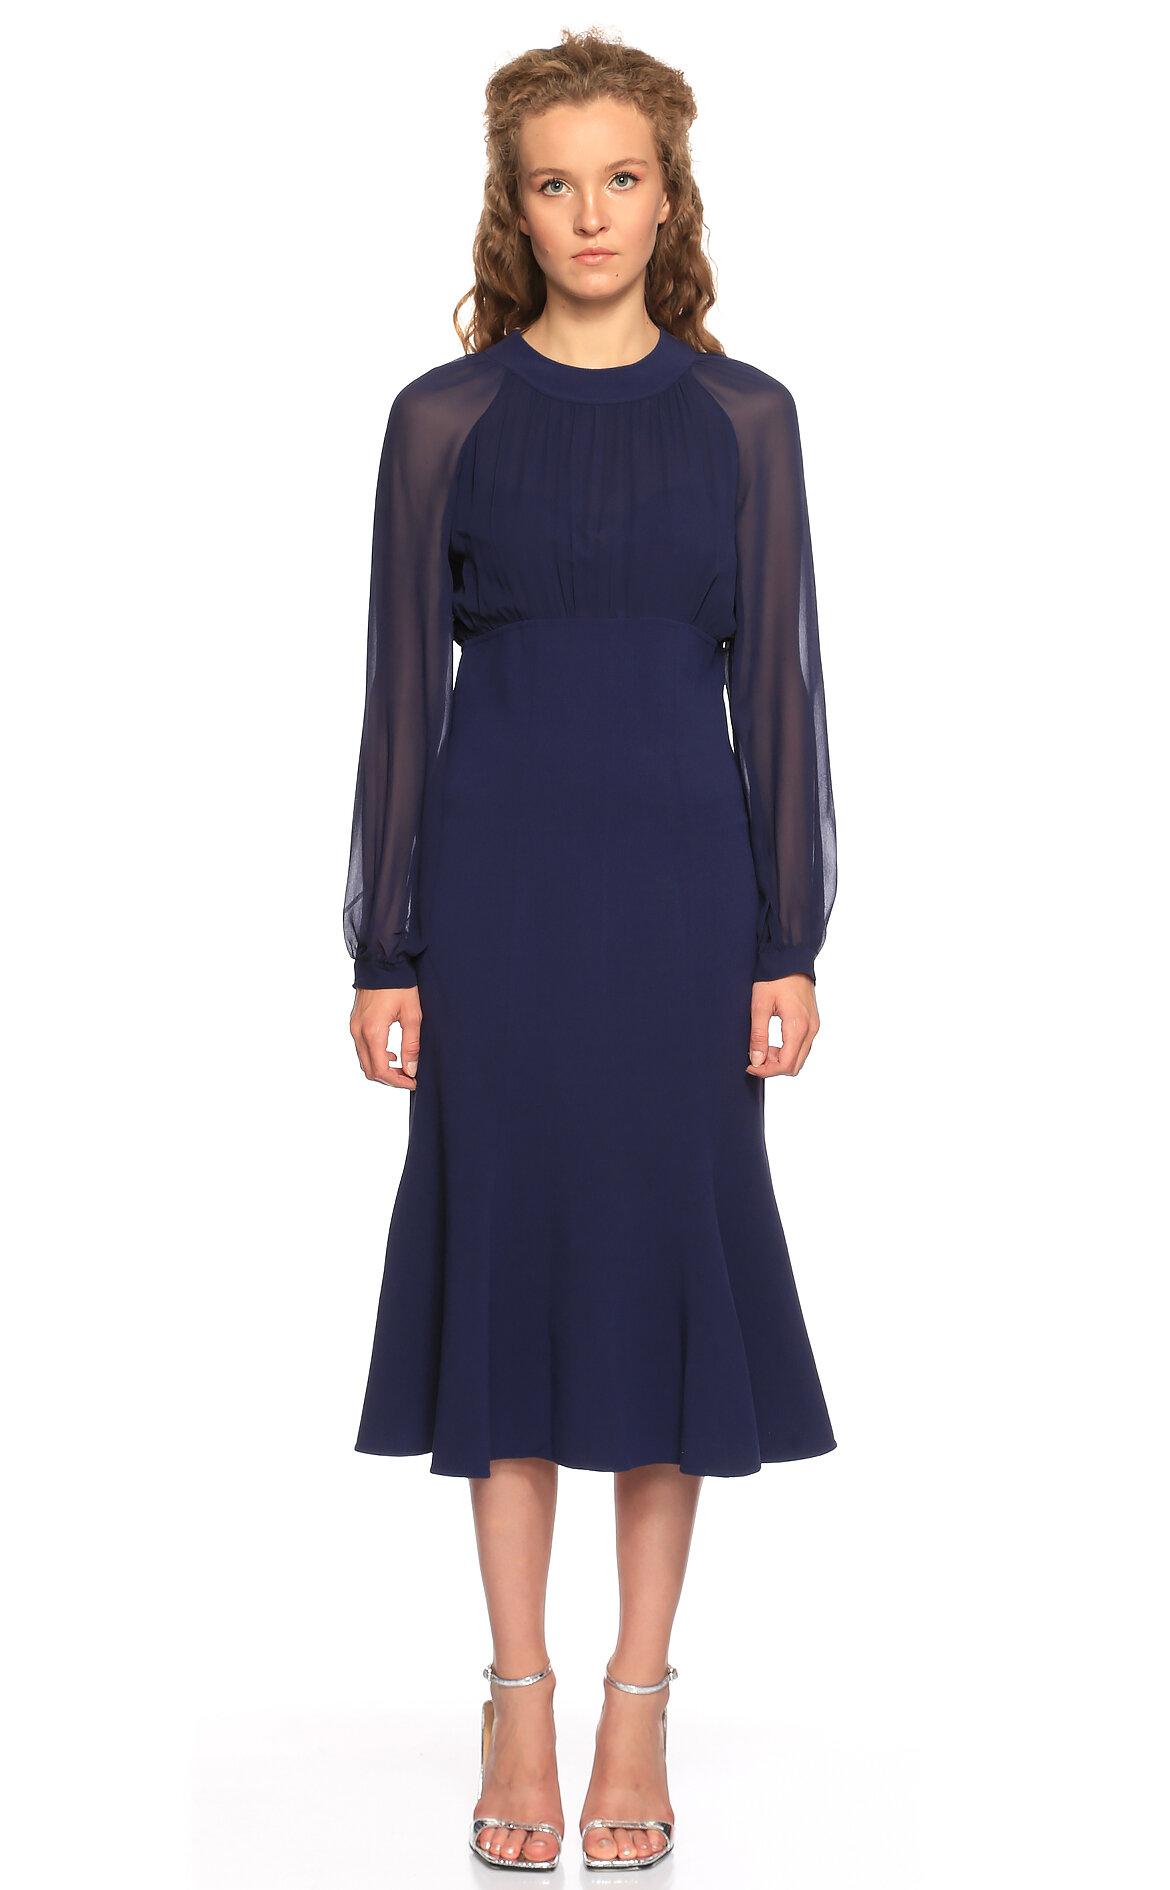 Michael Kors Collection-Michael Kors Collection Midi Lacivert Elbise